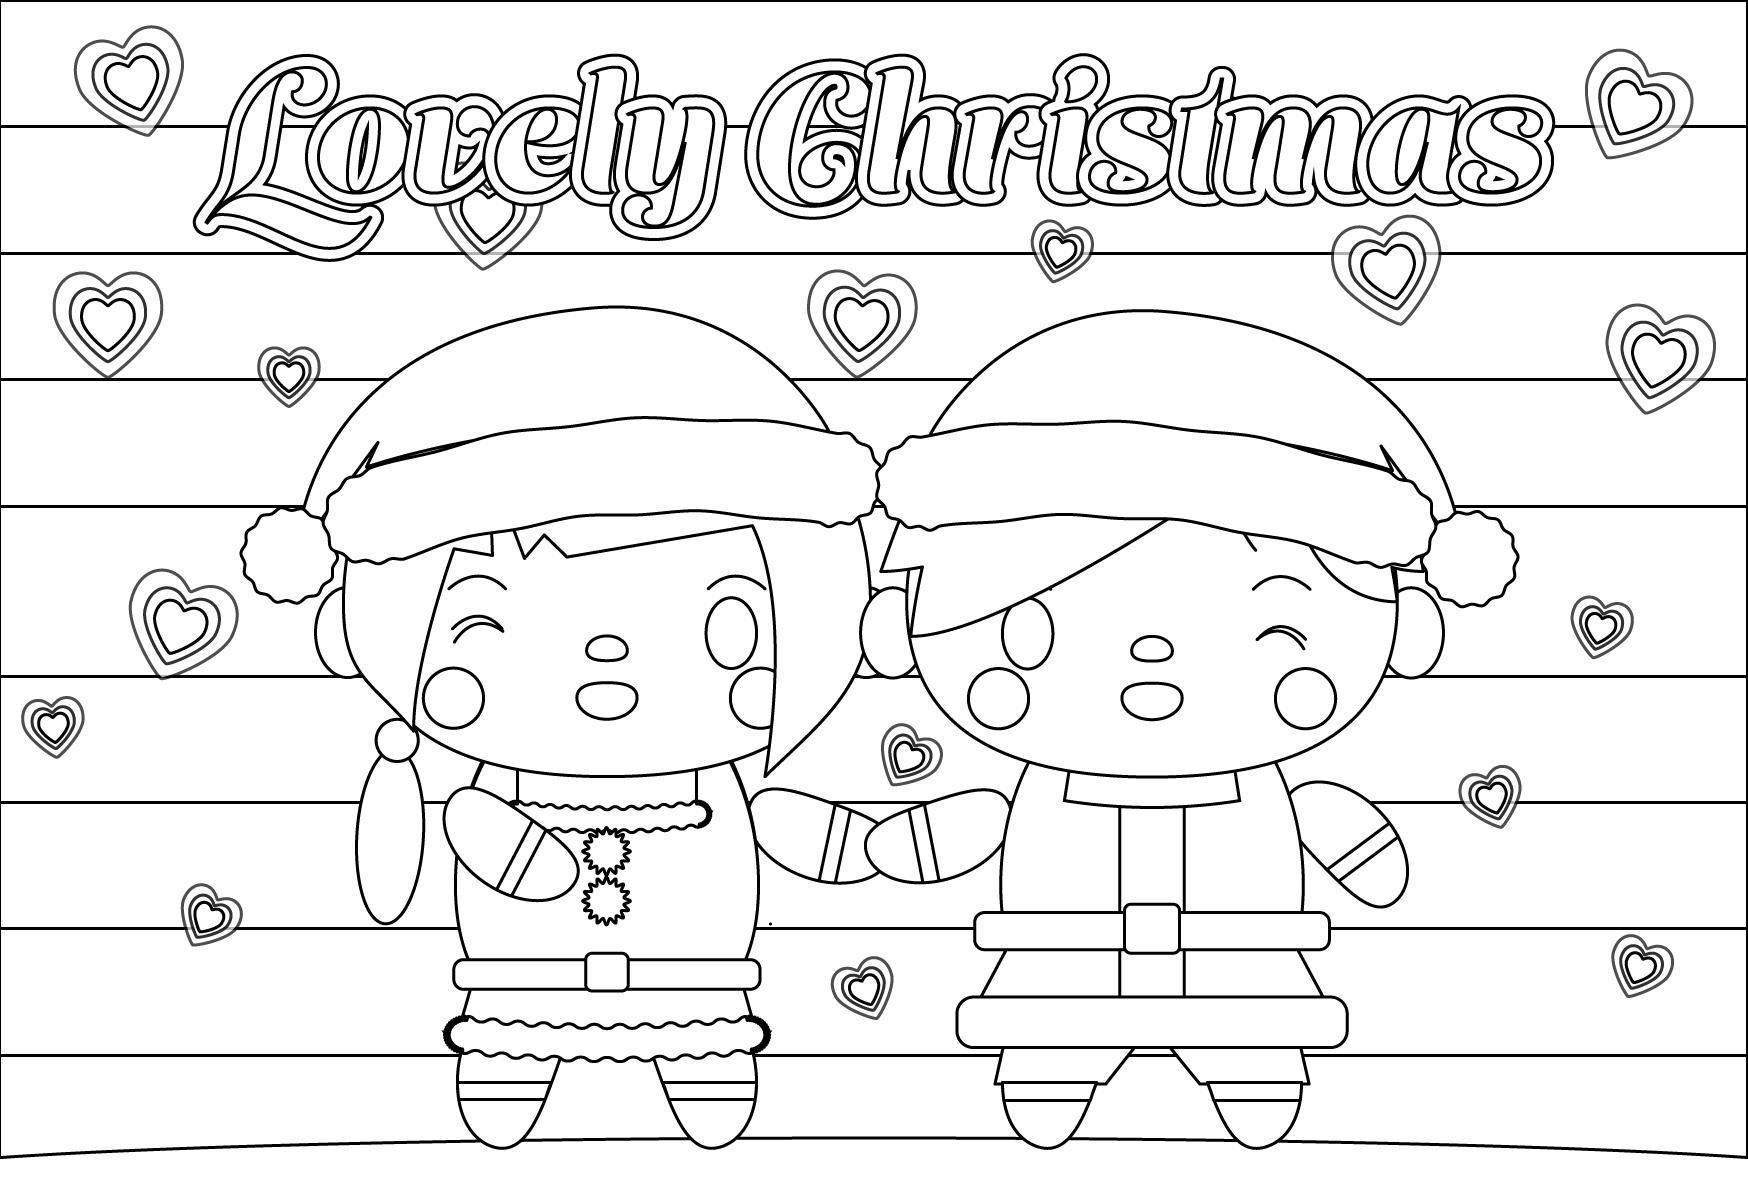 塗り絵に最適な白黒でかわいいラブリークリスマスカード・無料イラスト・商用フリー